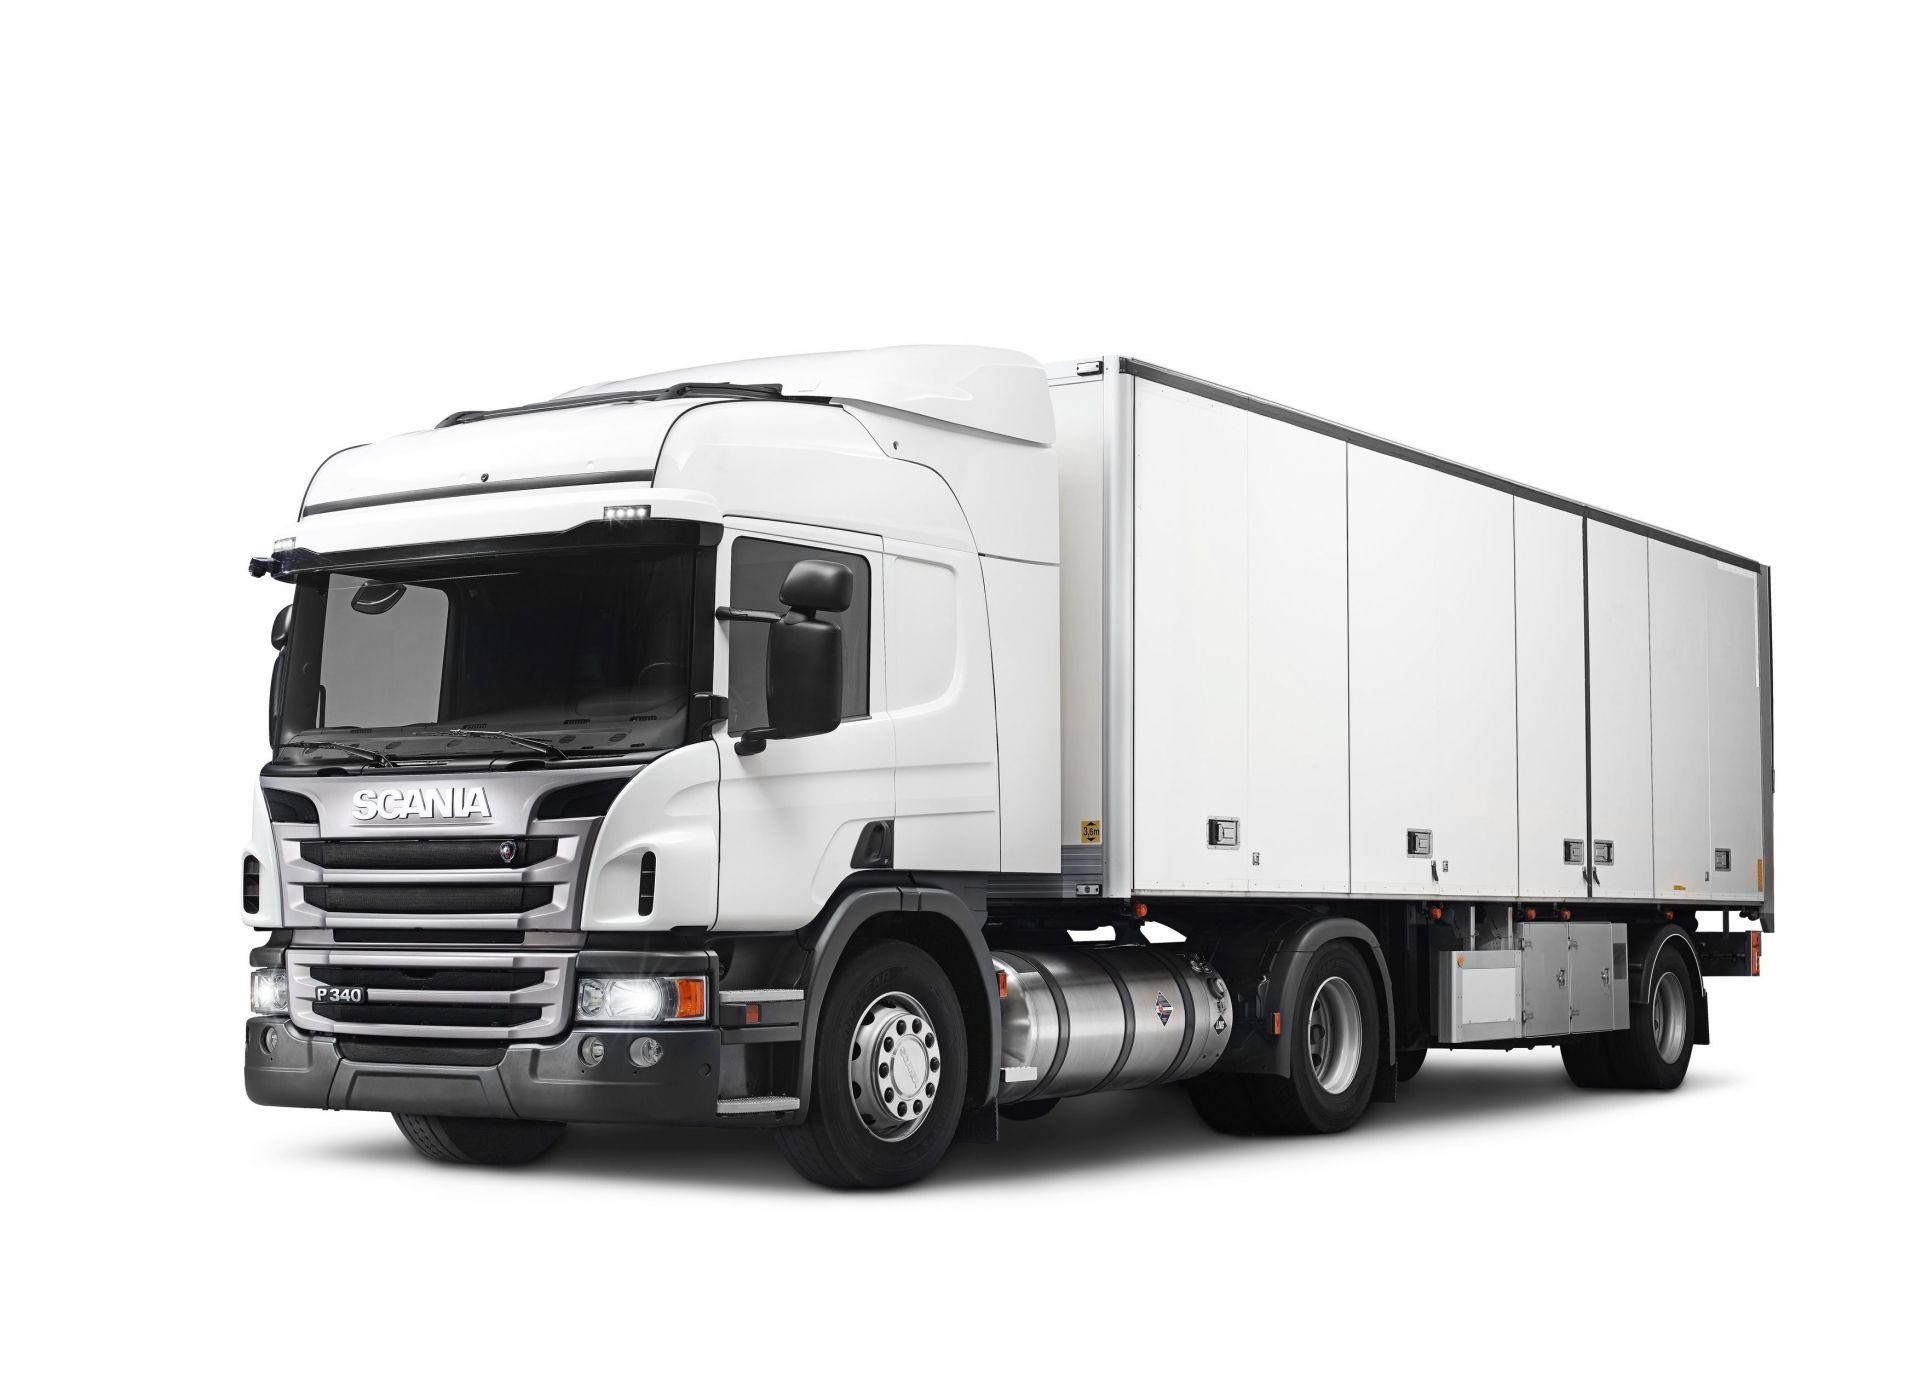 картинки грузовых авто в профиль чистом